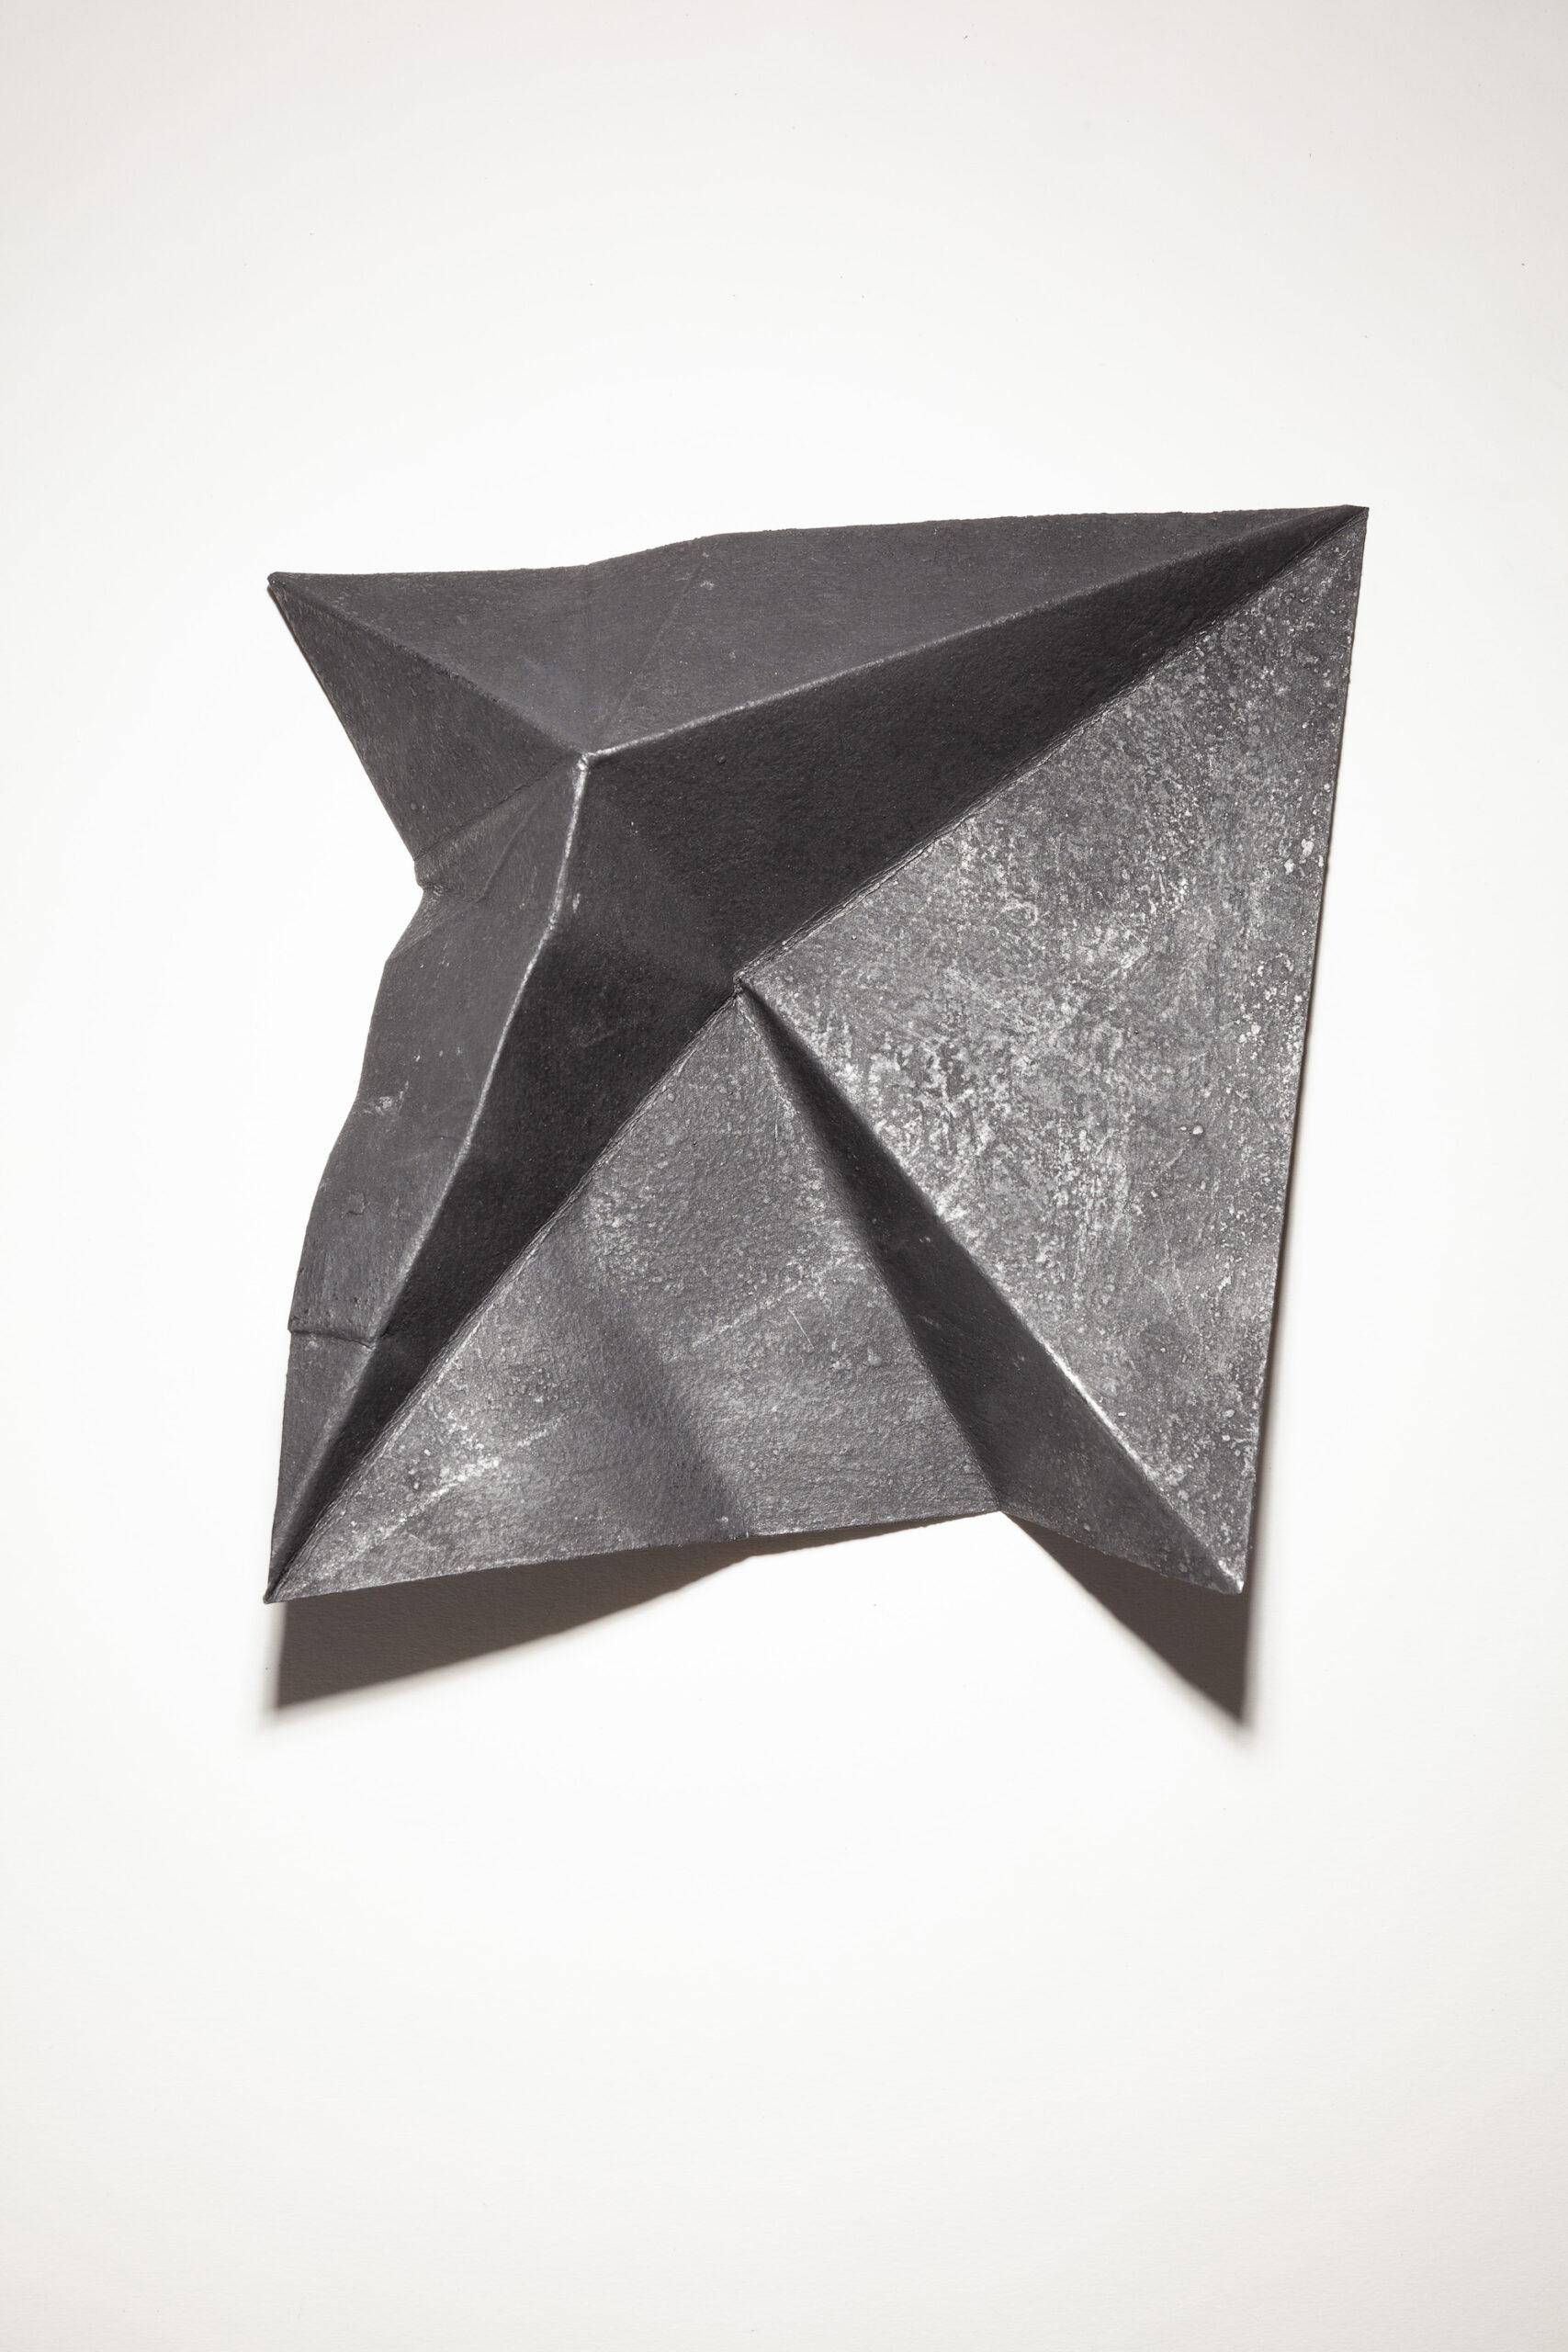 Felecia Chizuko Carlisle, Corona Fold 1 of 8, 2020